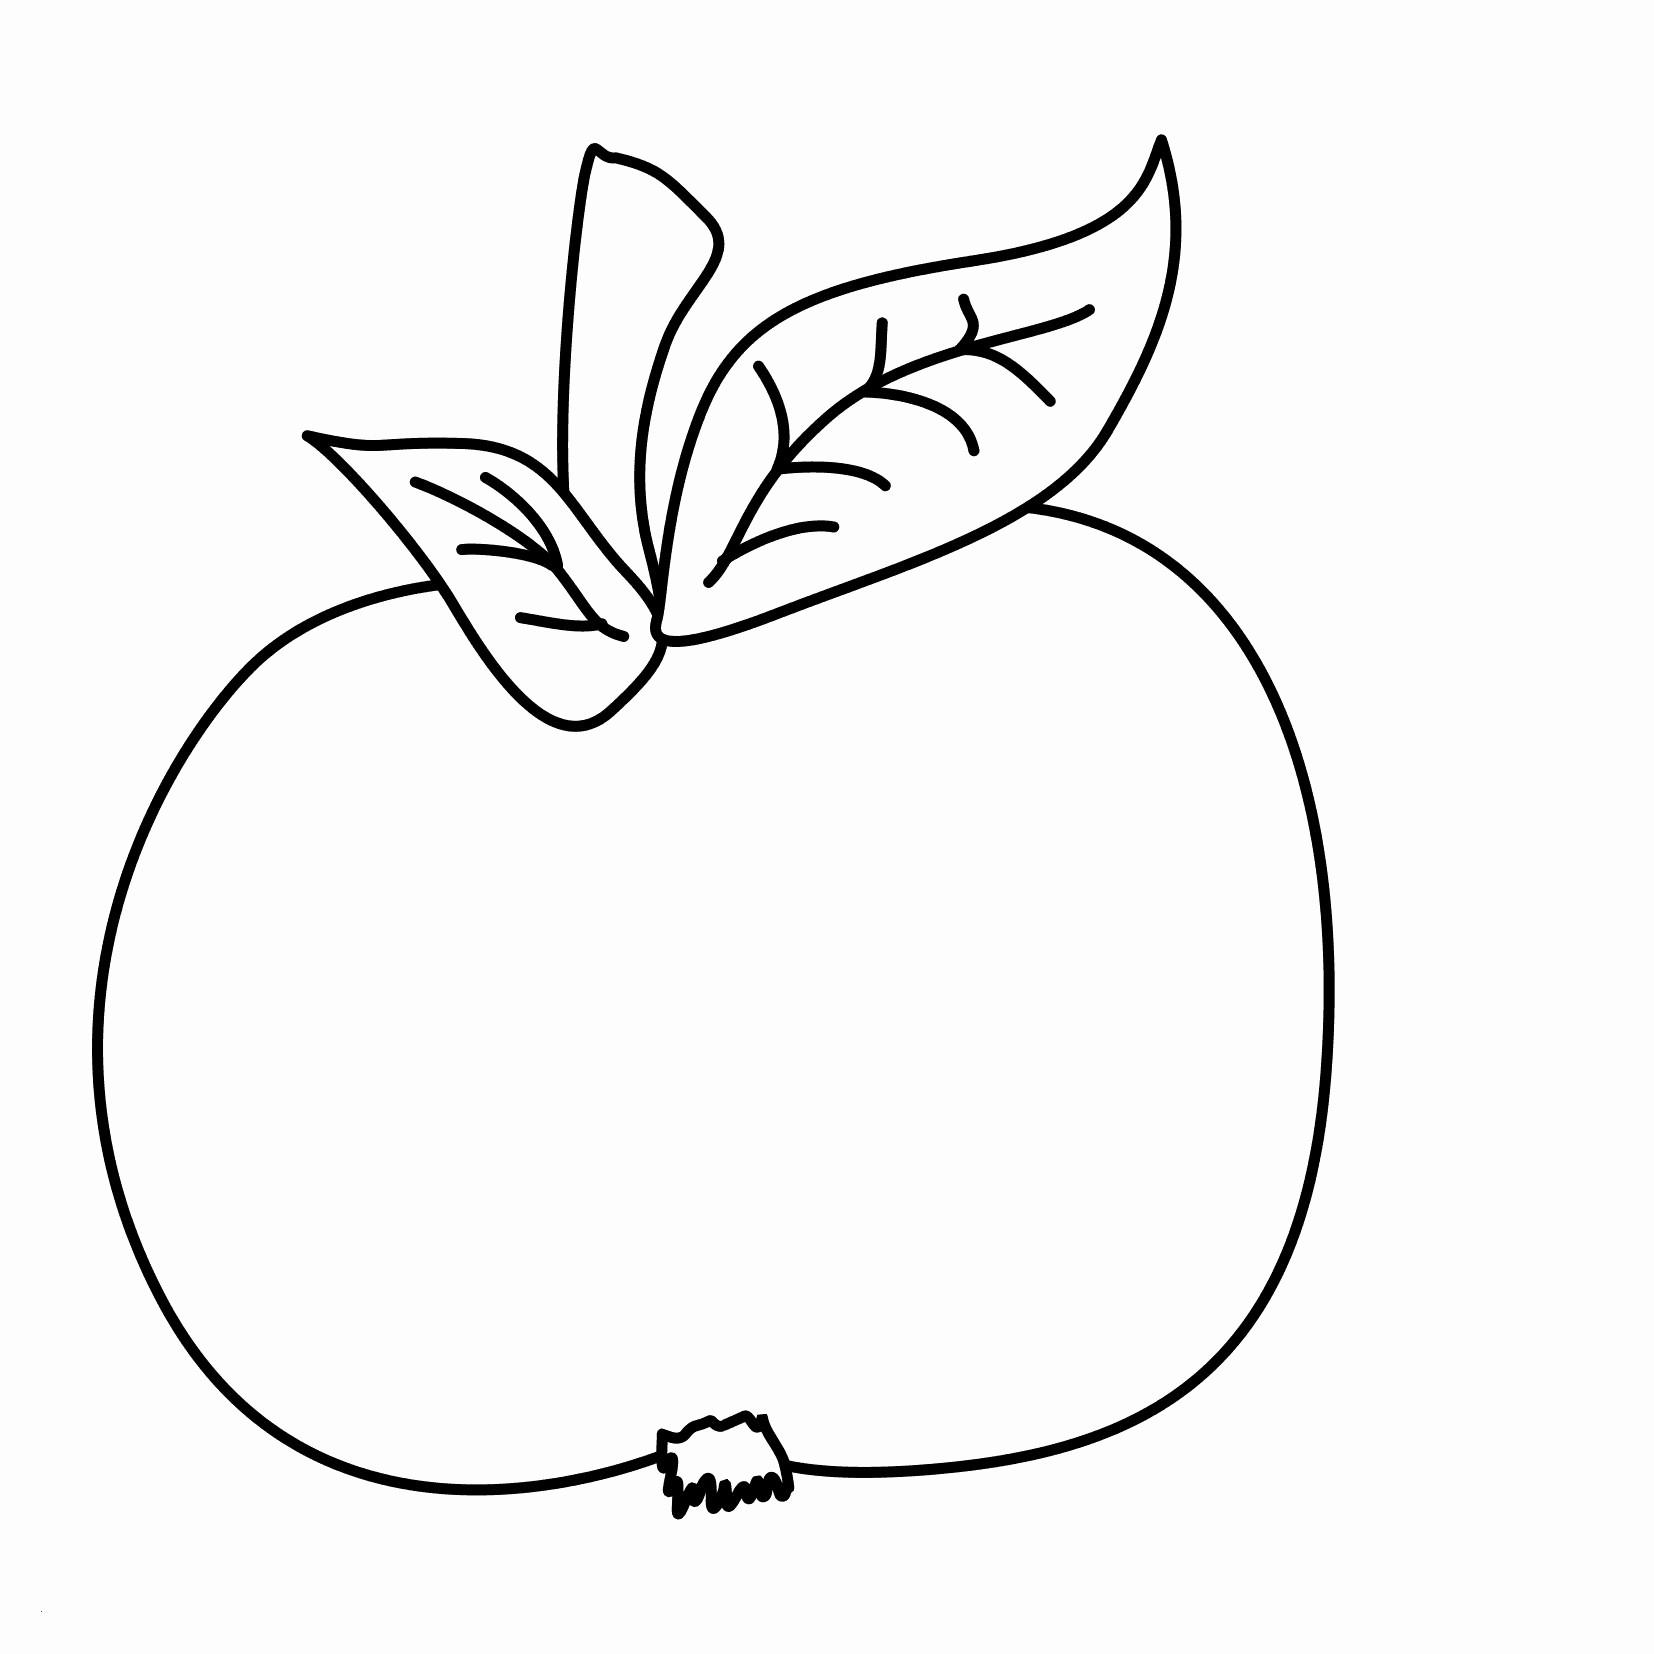 Birne Zum Ausmalen Inspirierend 59 Neueste Fotos Von Apfel Zum Ausmalen Das Bild